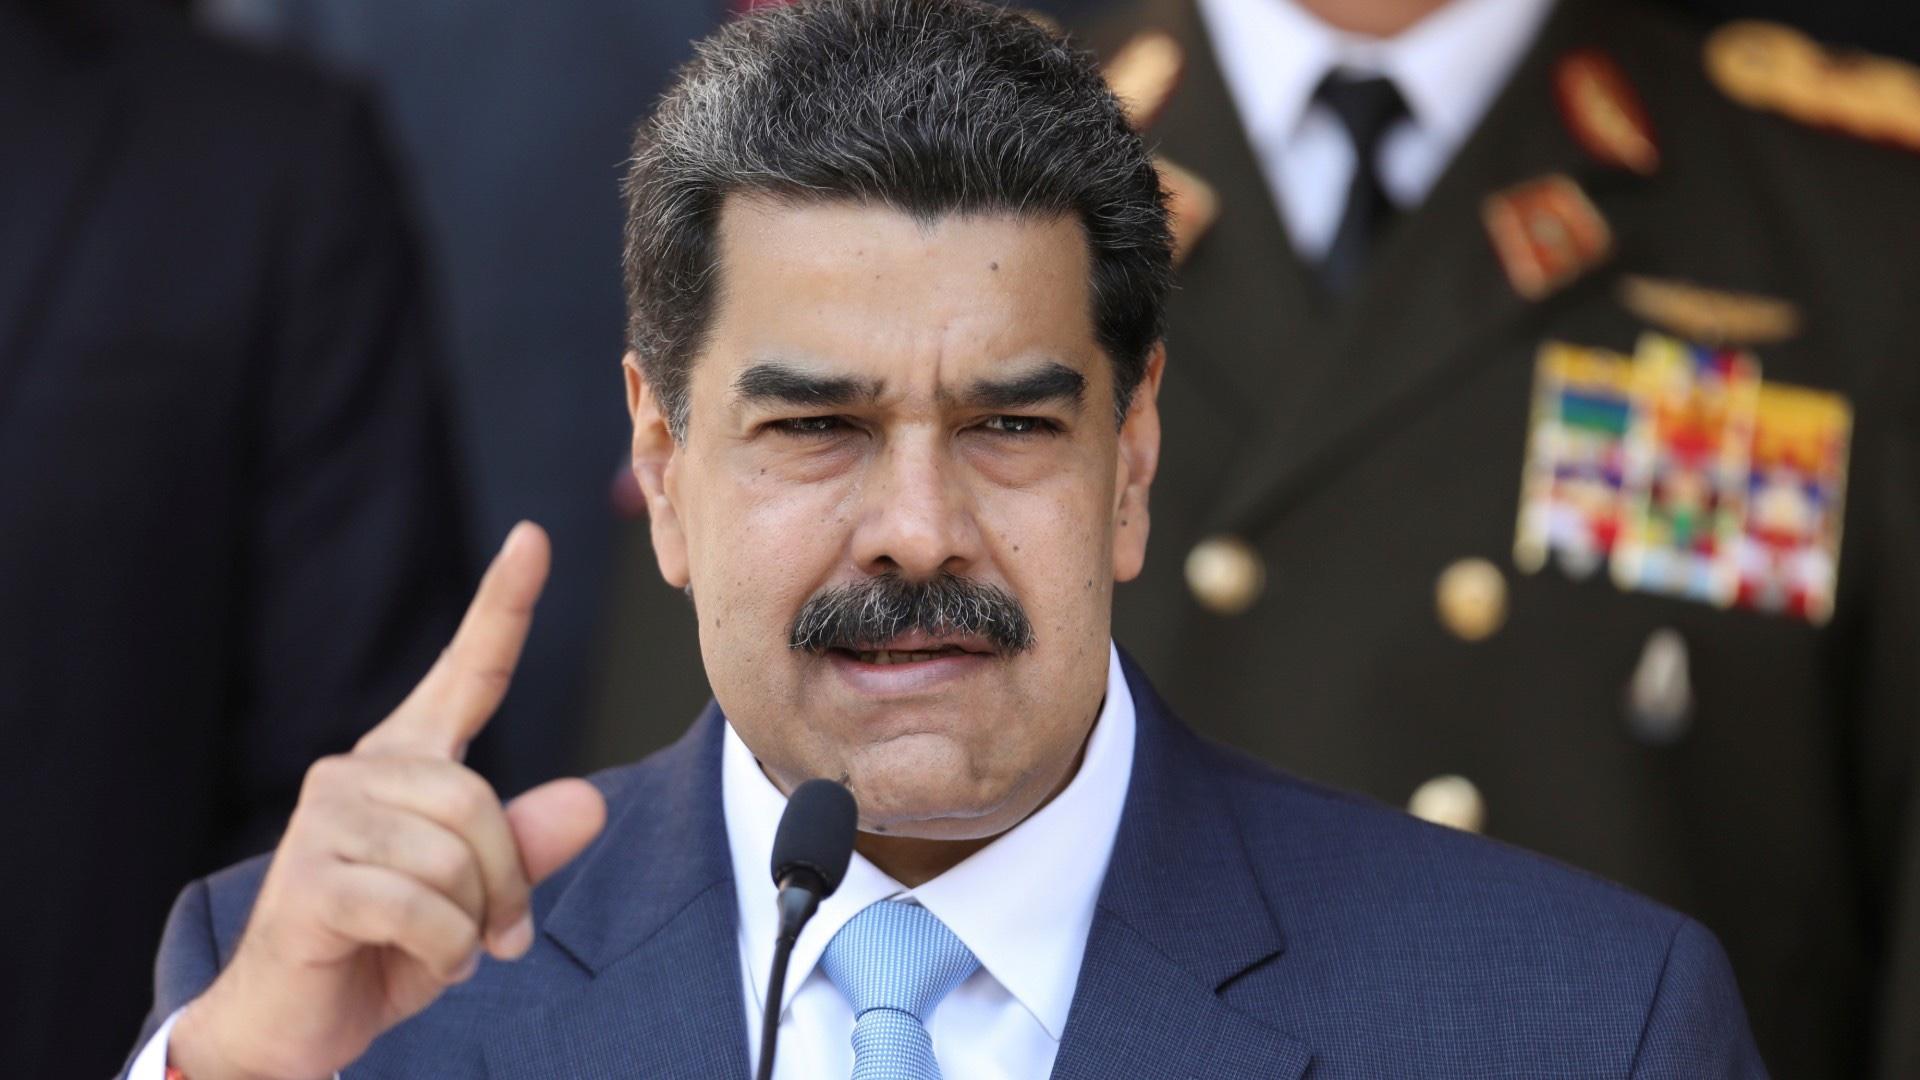 Acusa ONU a Nicolás Maduro de cometer crímenes de lesa humanidad